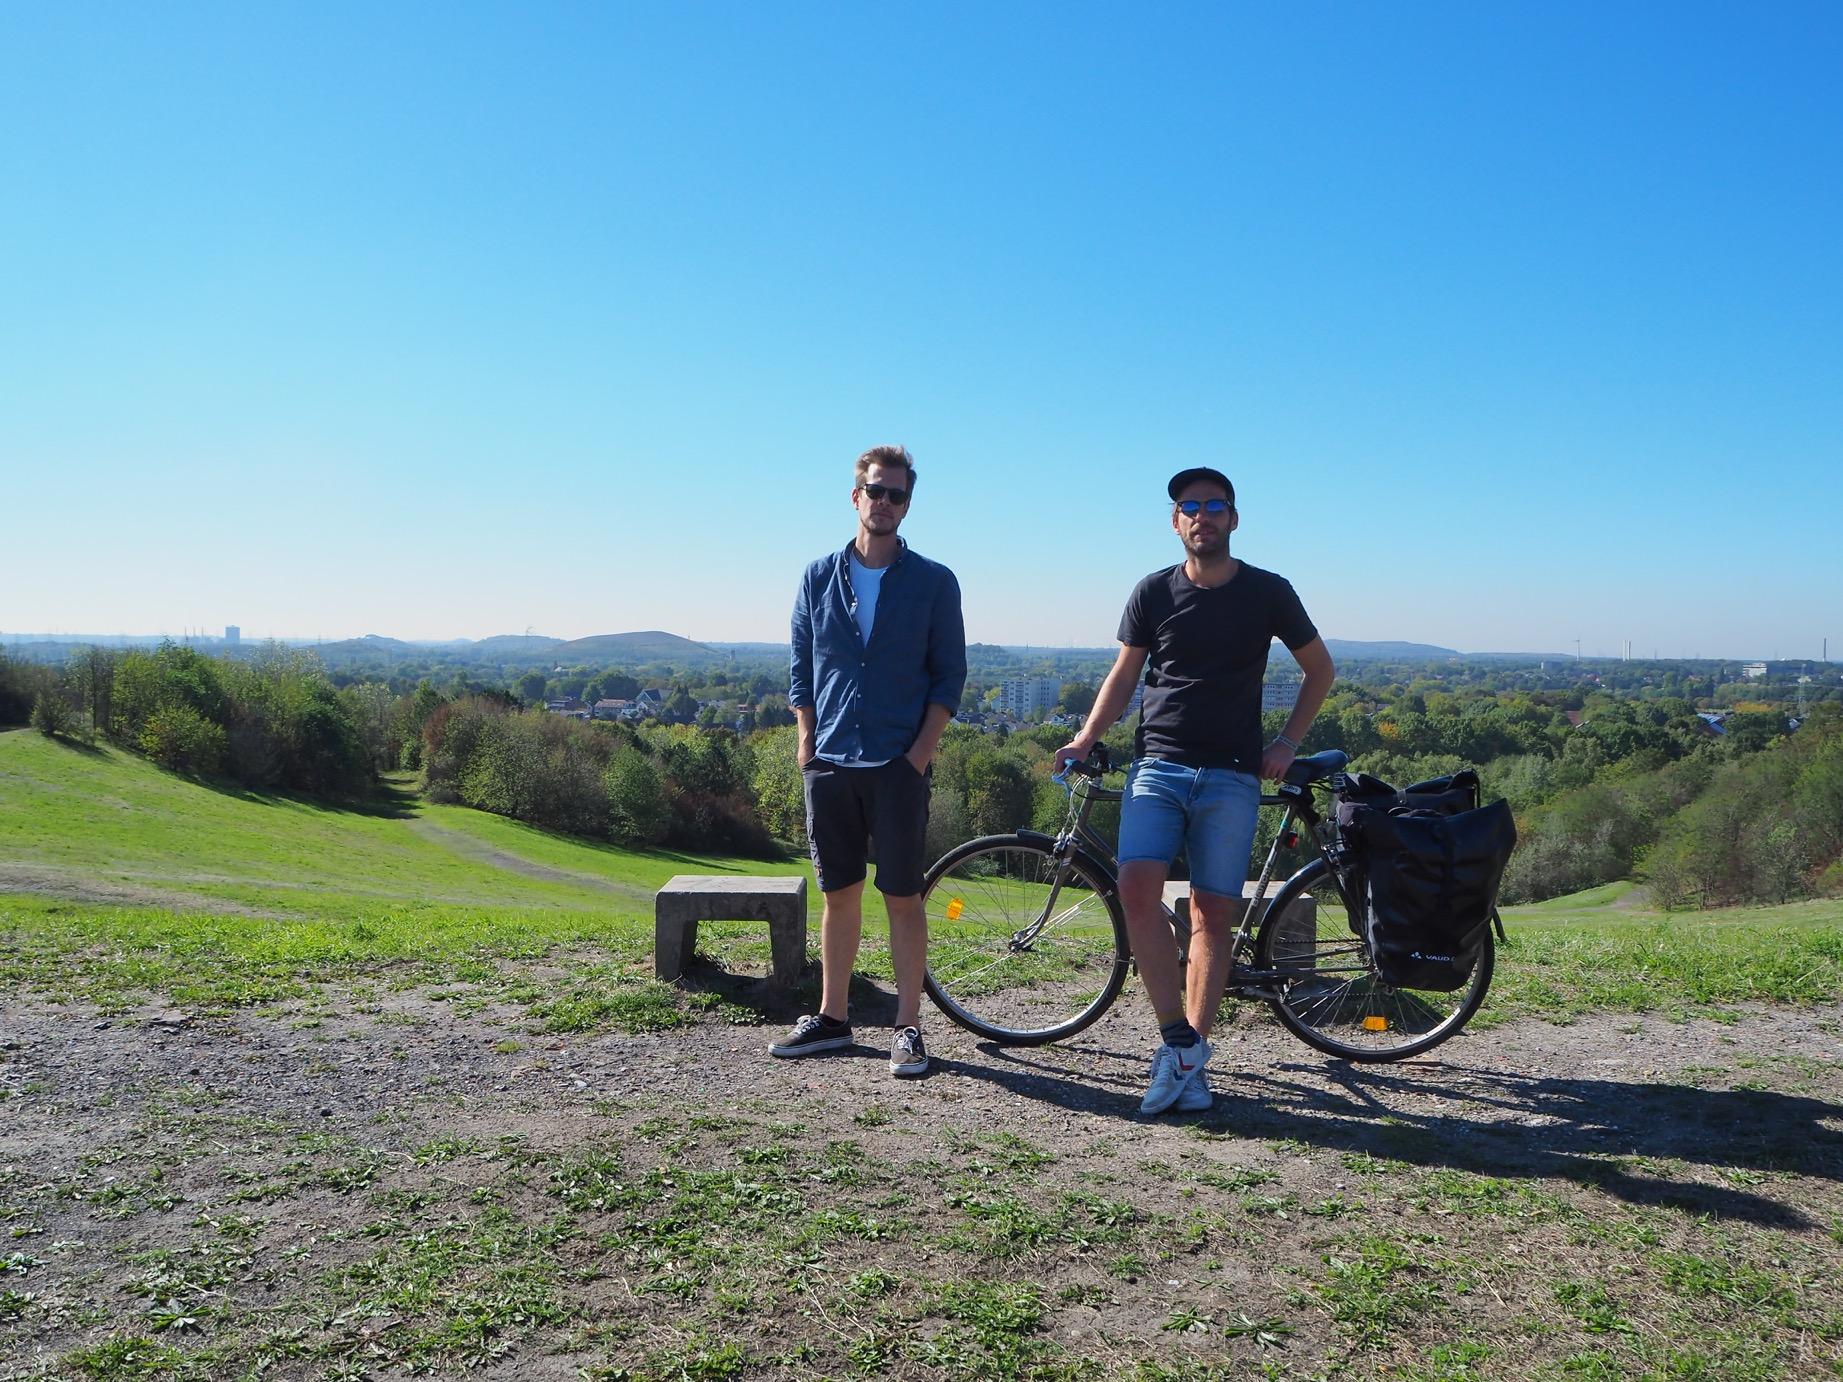 Halde Rungenberg und die Fahrradrabauken